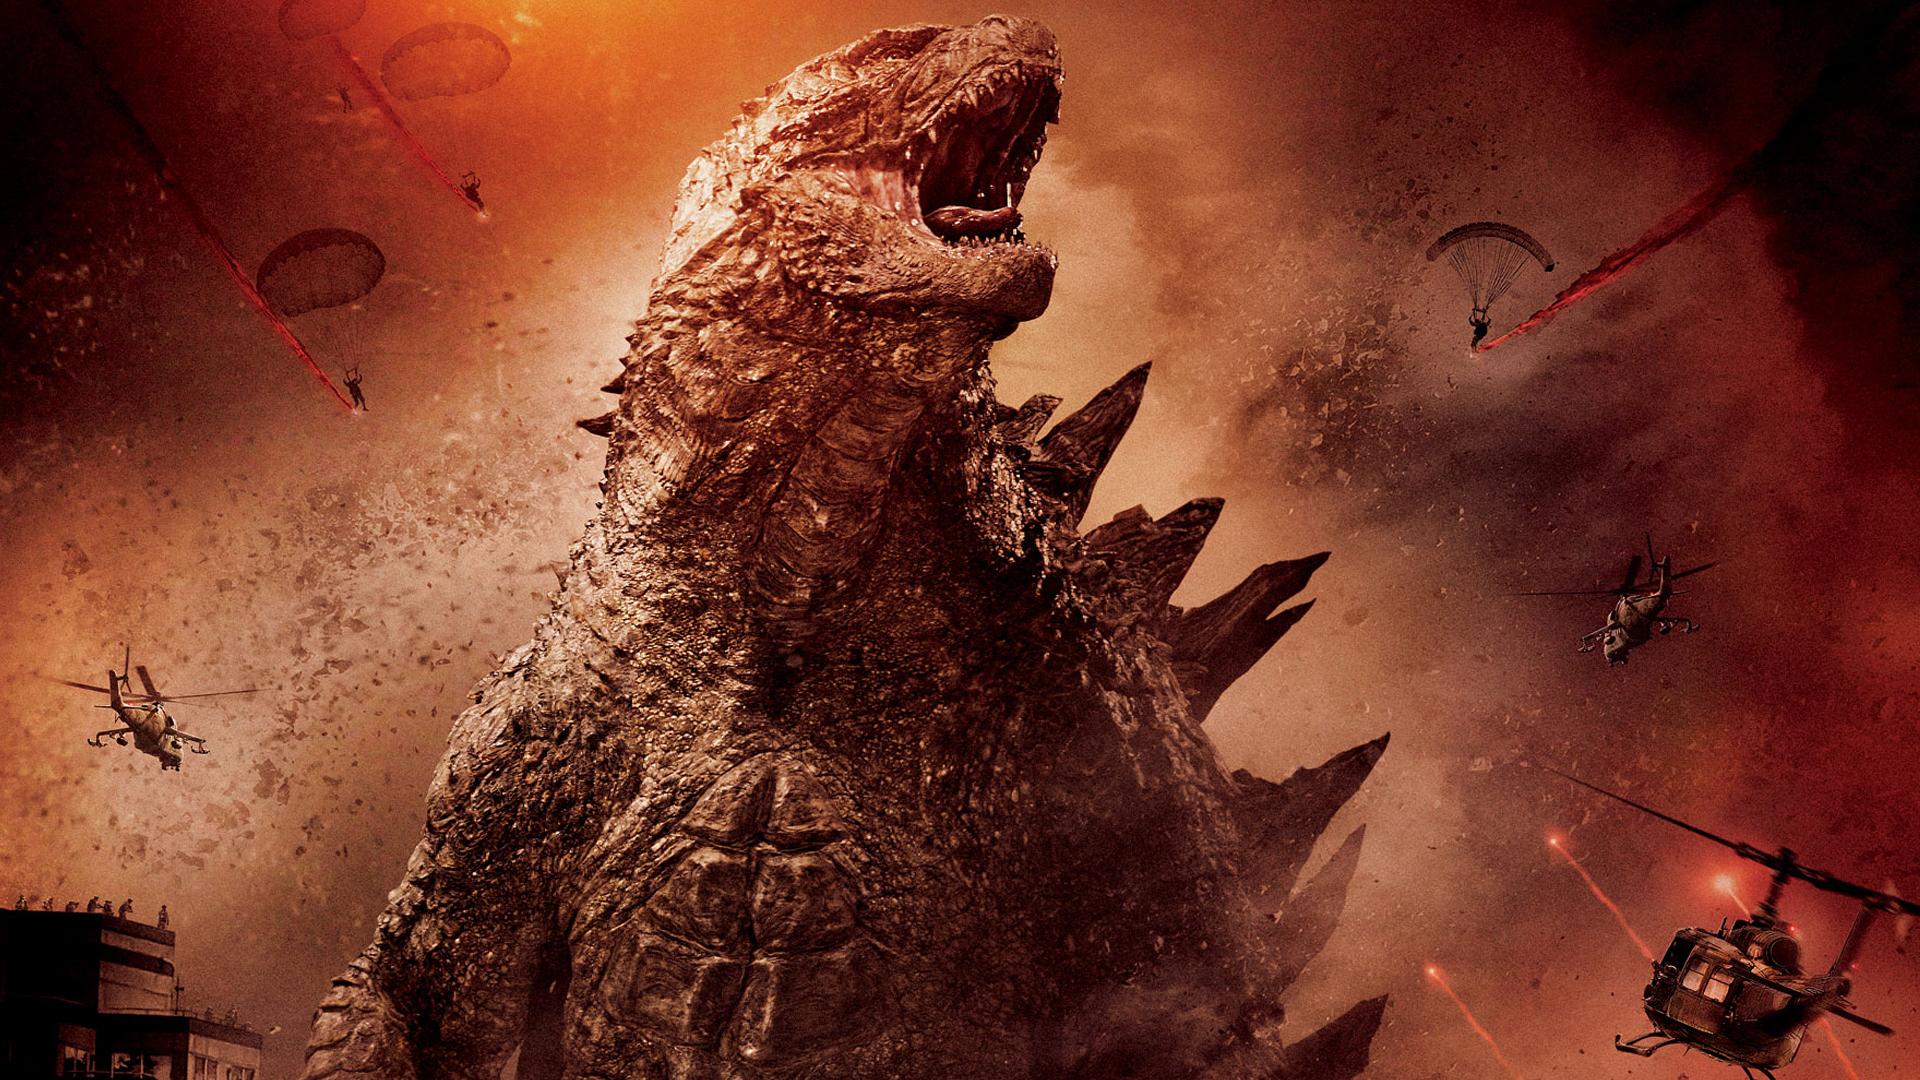 Godzilla Wallpaper Latest Hd Wallpapers 1920x1080